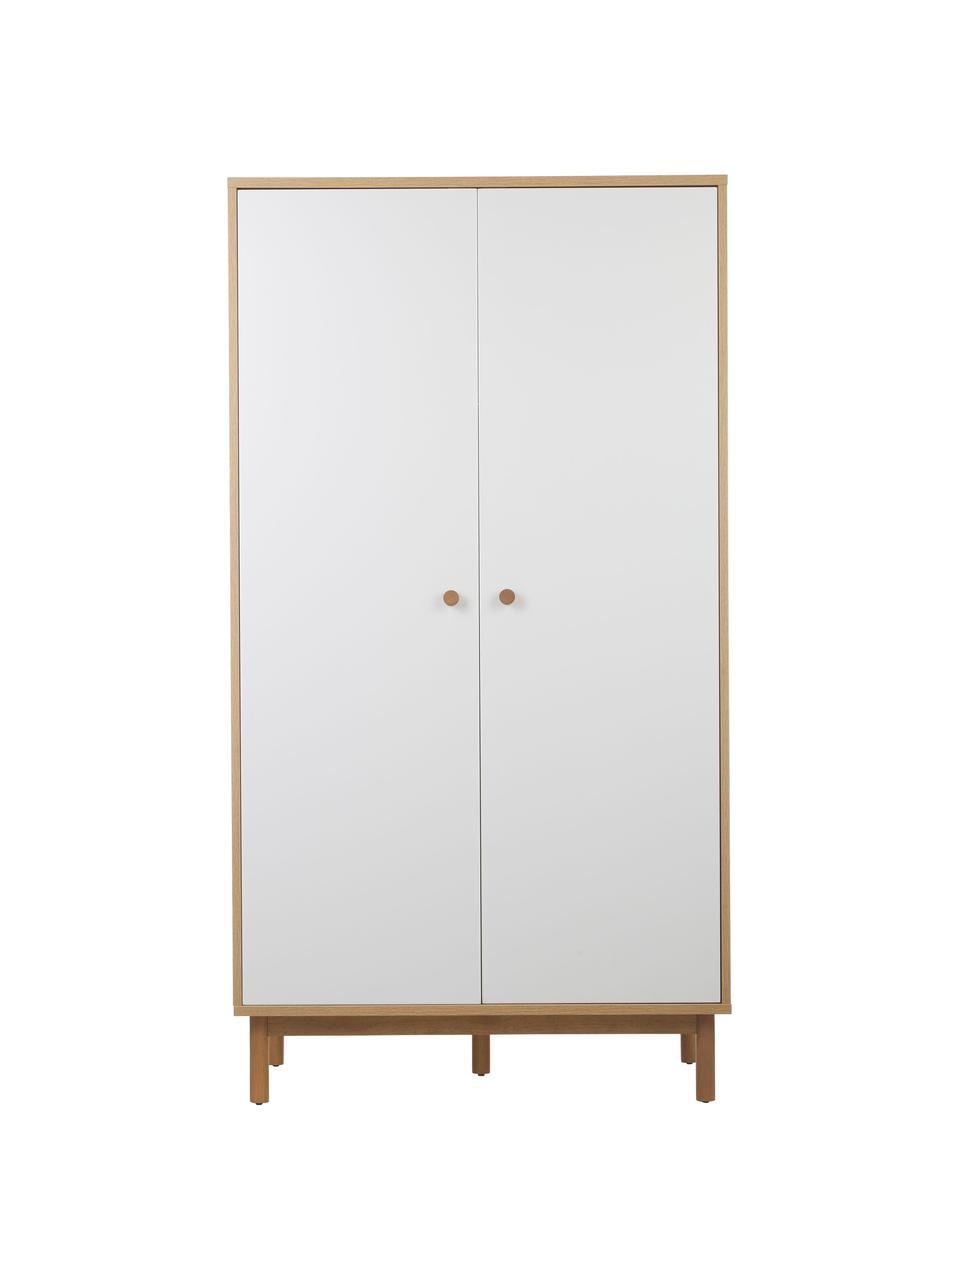 Kleiderschrank Nathan in Weiß, Korpus: Mitteldichte Holzfaserpla, Weiß, 100 x 186 cm